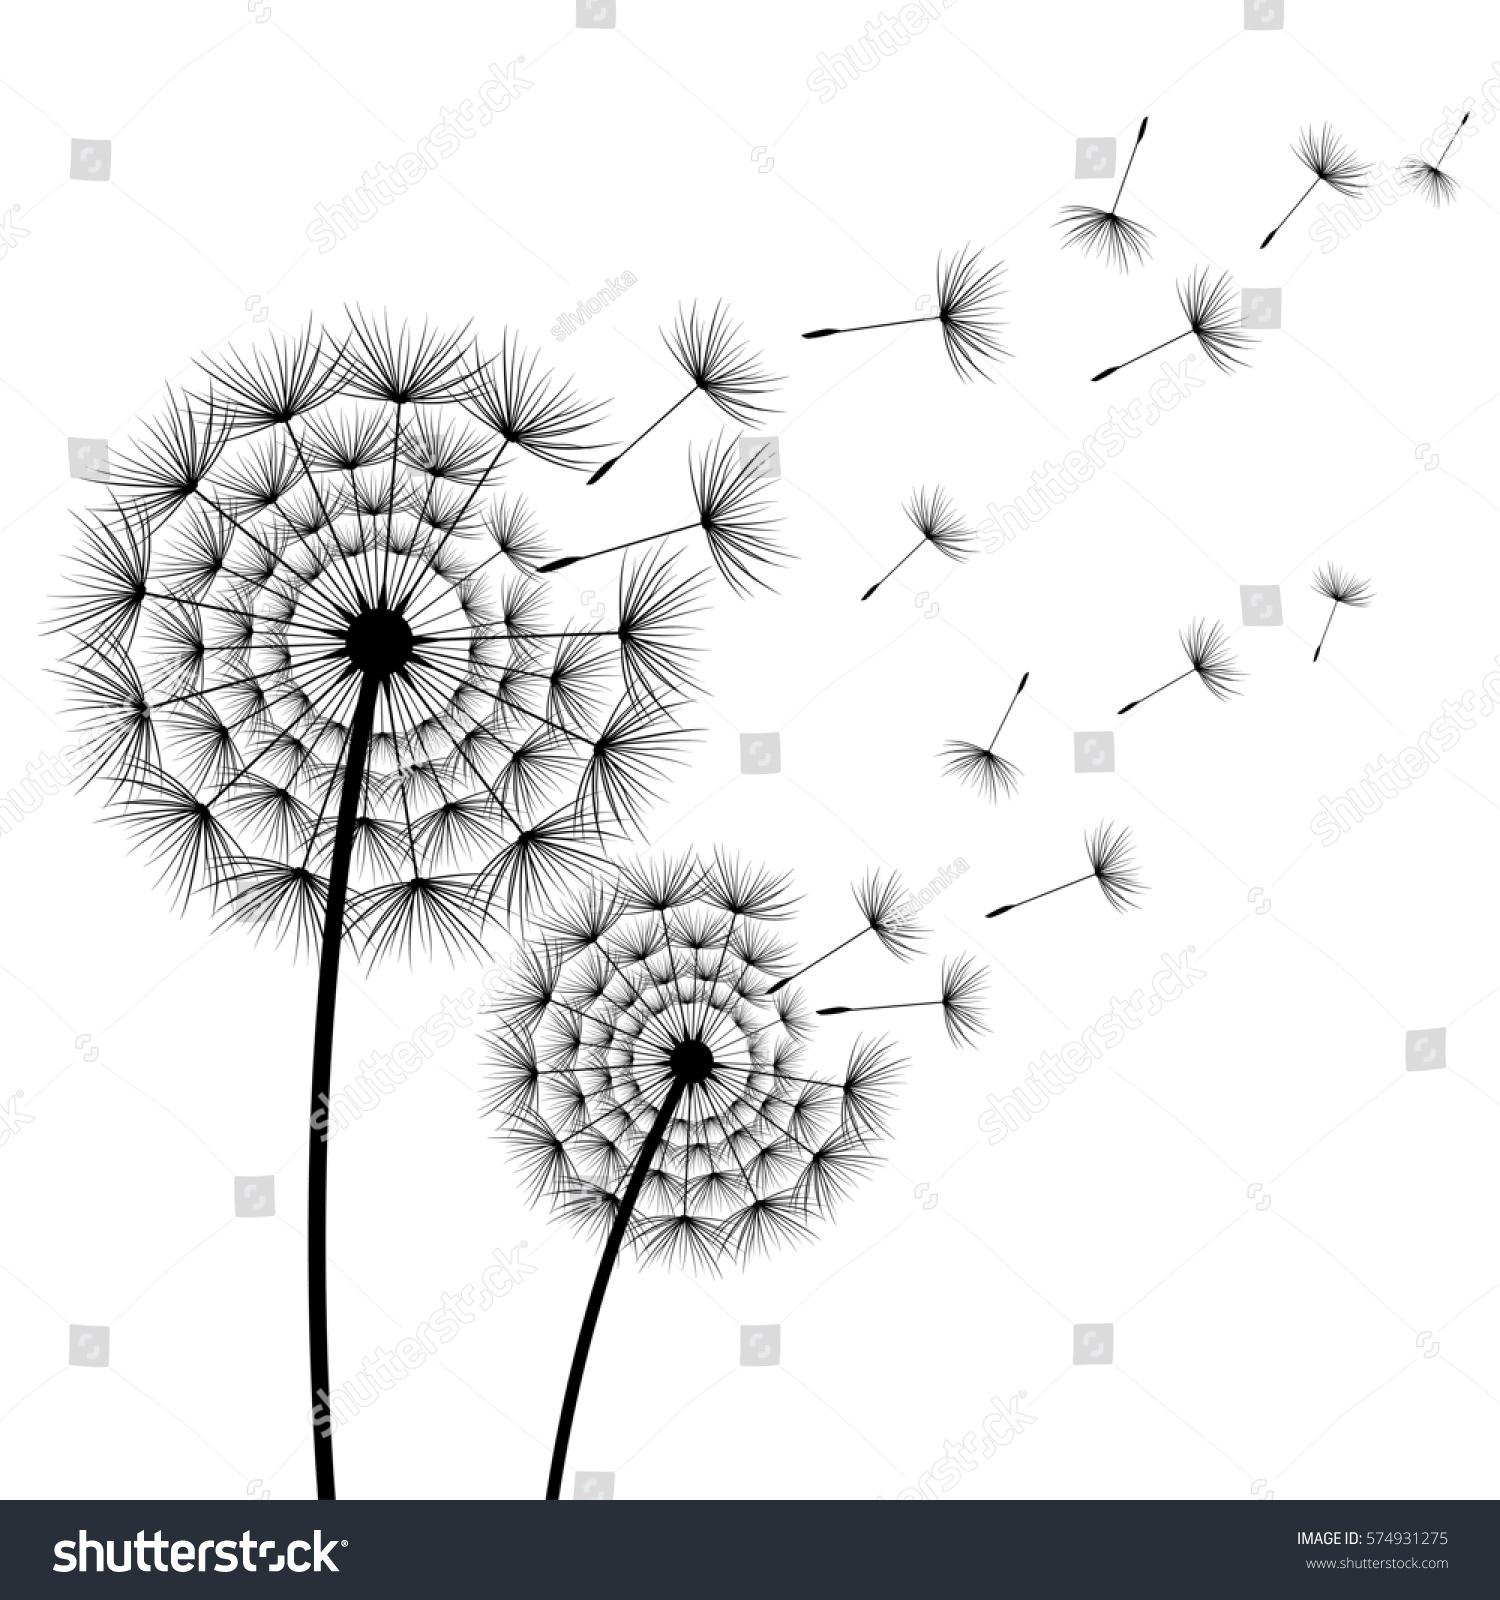 Two Beautiful Stylized Black Flowers Dandelions 574931275